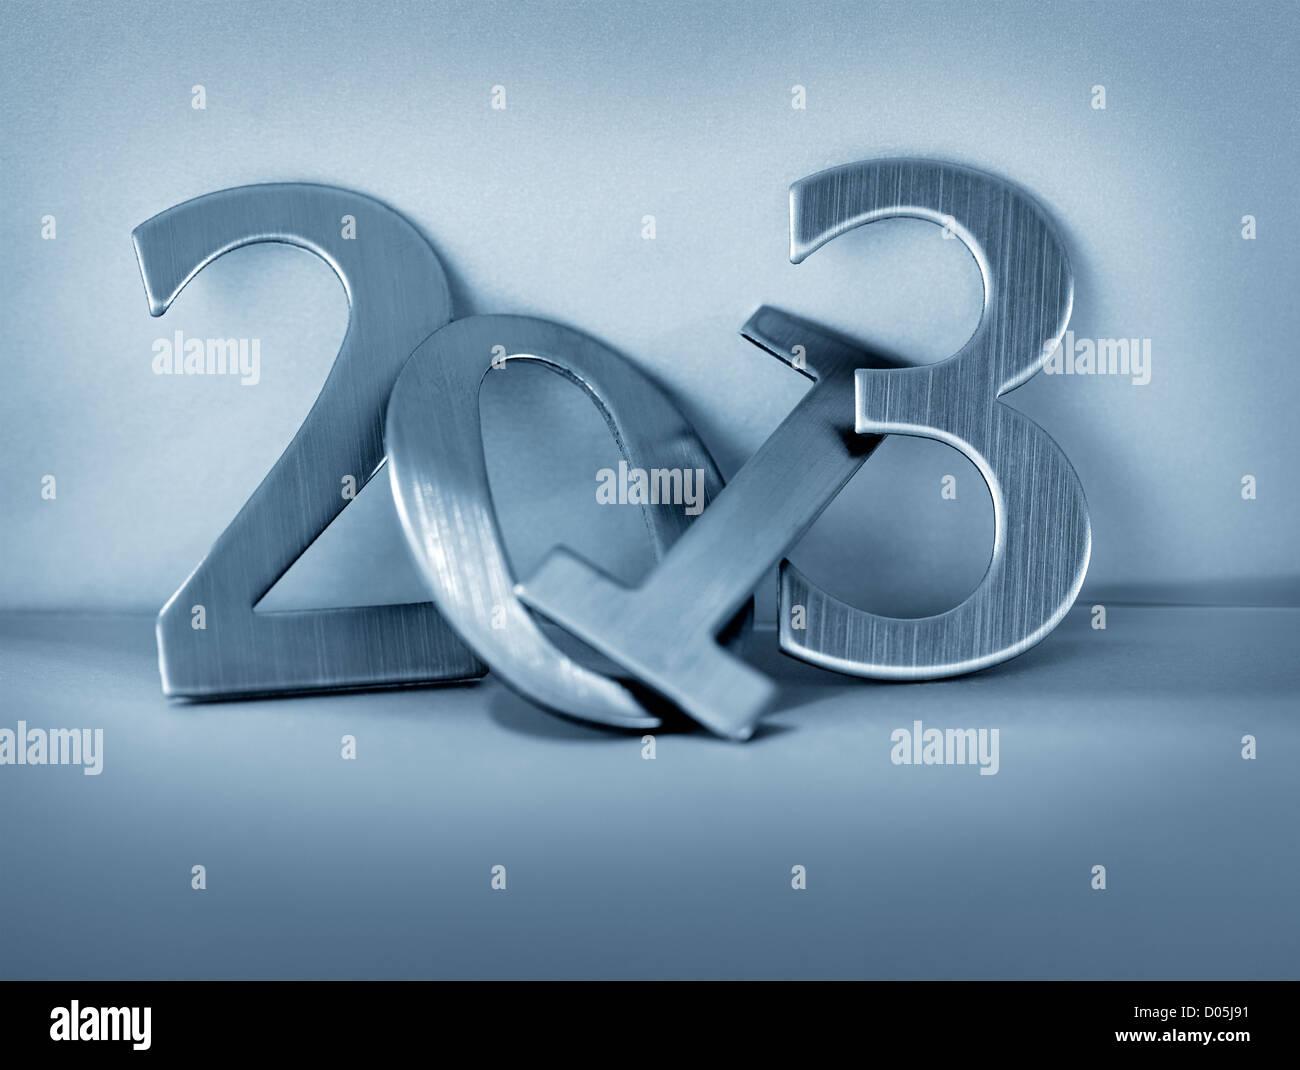 Les chiffres pour l'année 2013 métalliques. Peu de profondeur de champ. Remarque: l'arrière Photo Stock